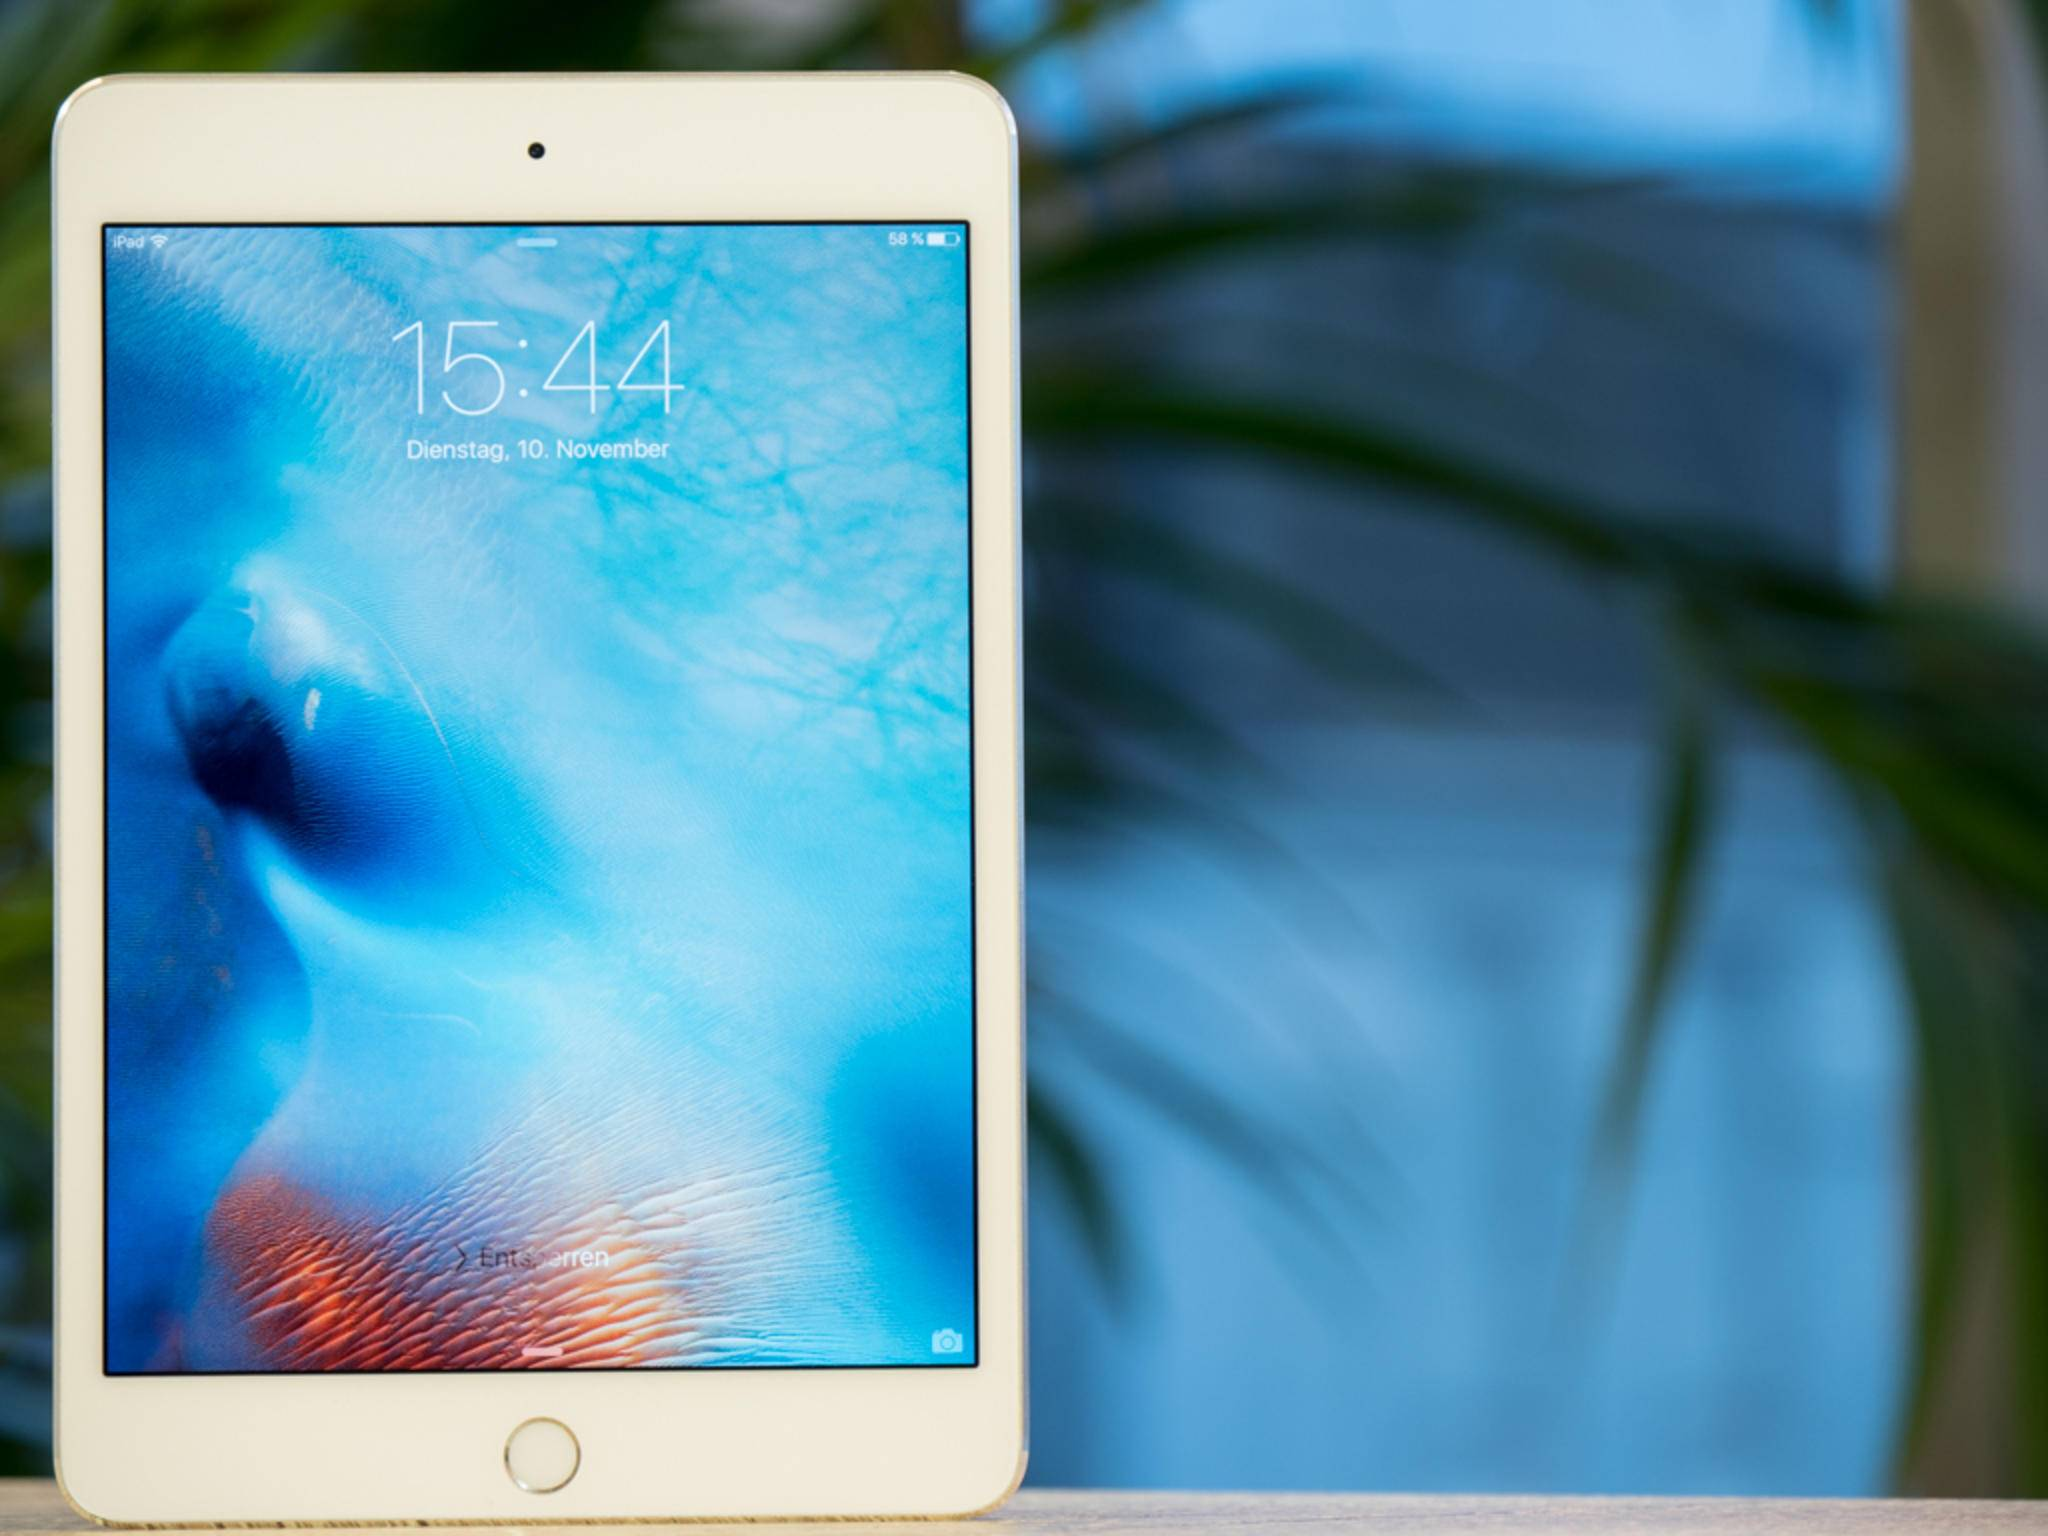 Dünner, schneller, aber auch besser? Das iPad mini 4 im Test.